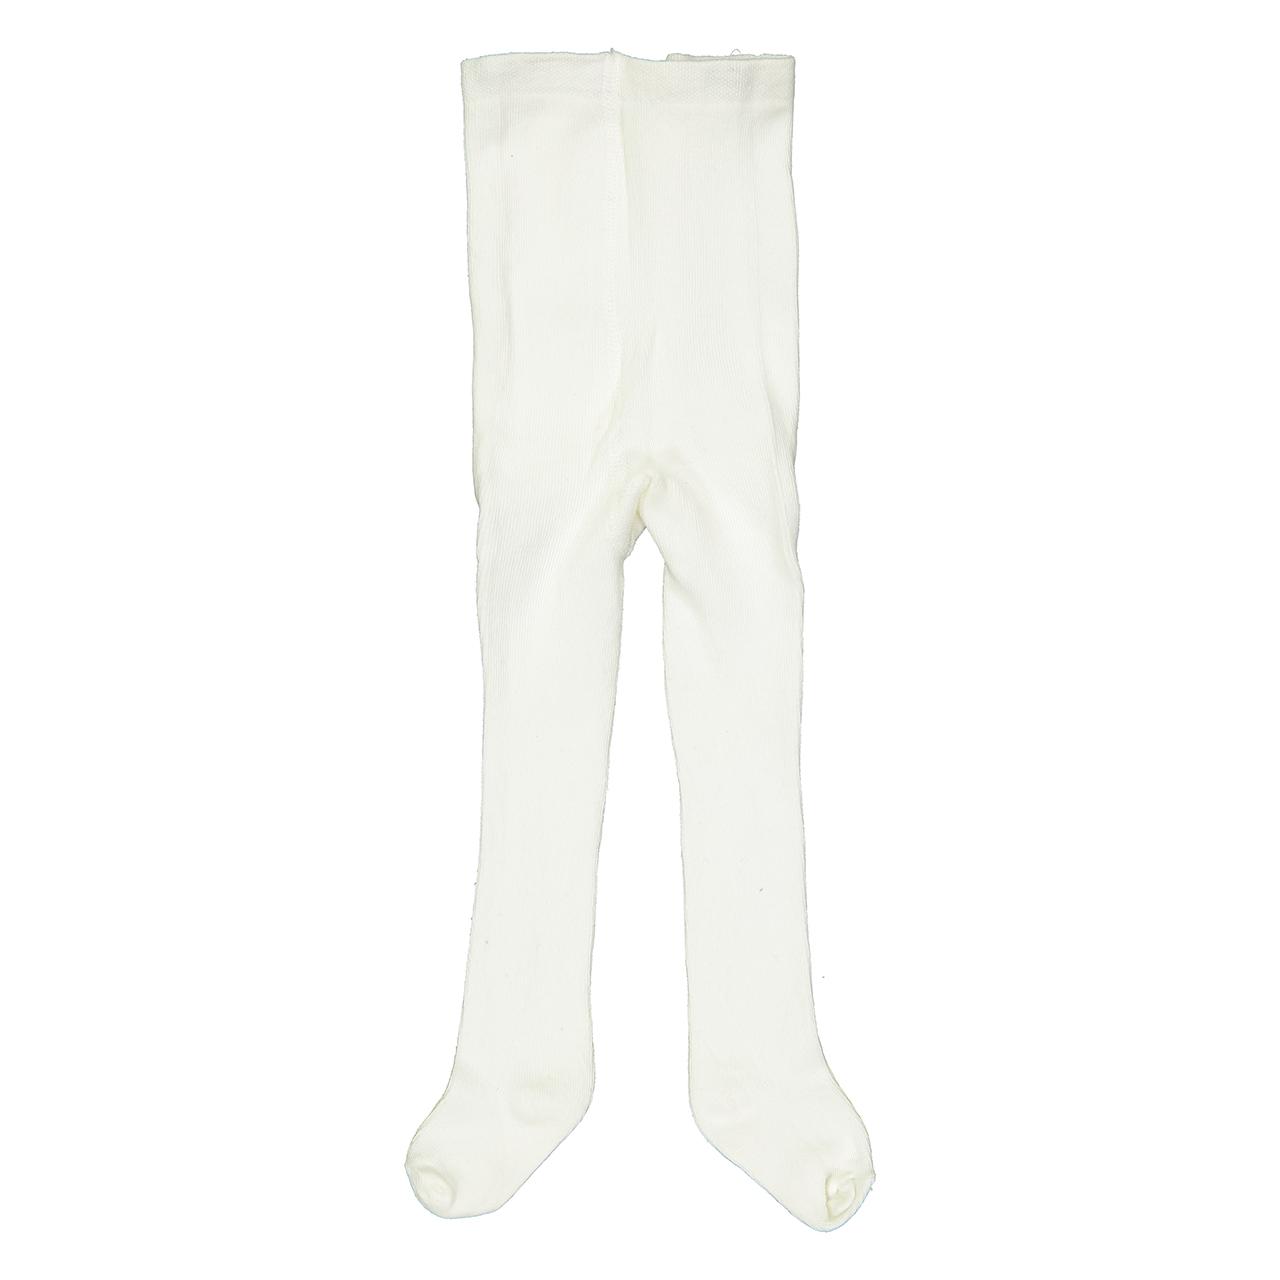 جوراب شلواری نوزادی دخترانه بی مدل  Ml68000